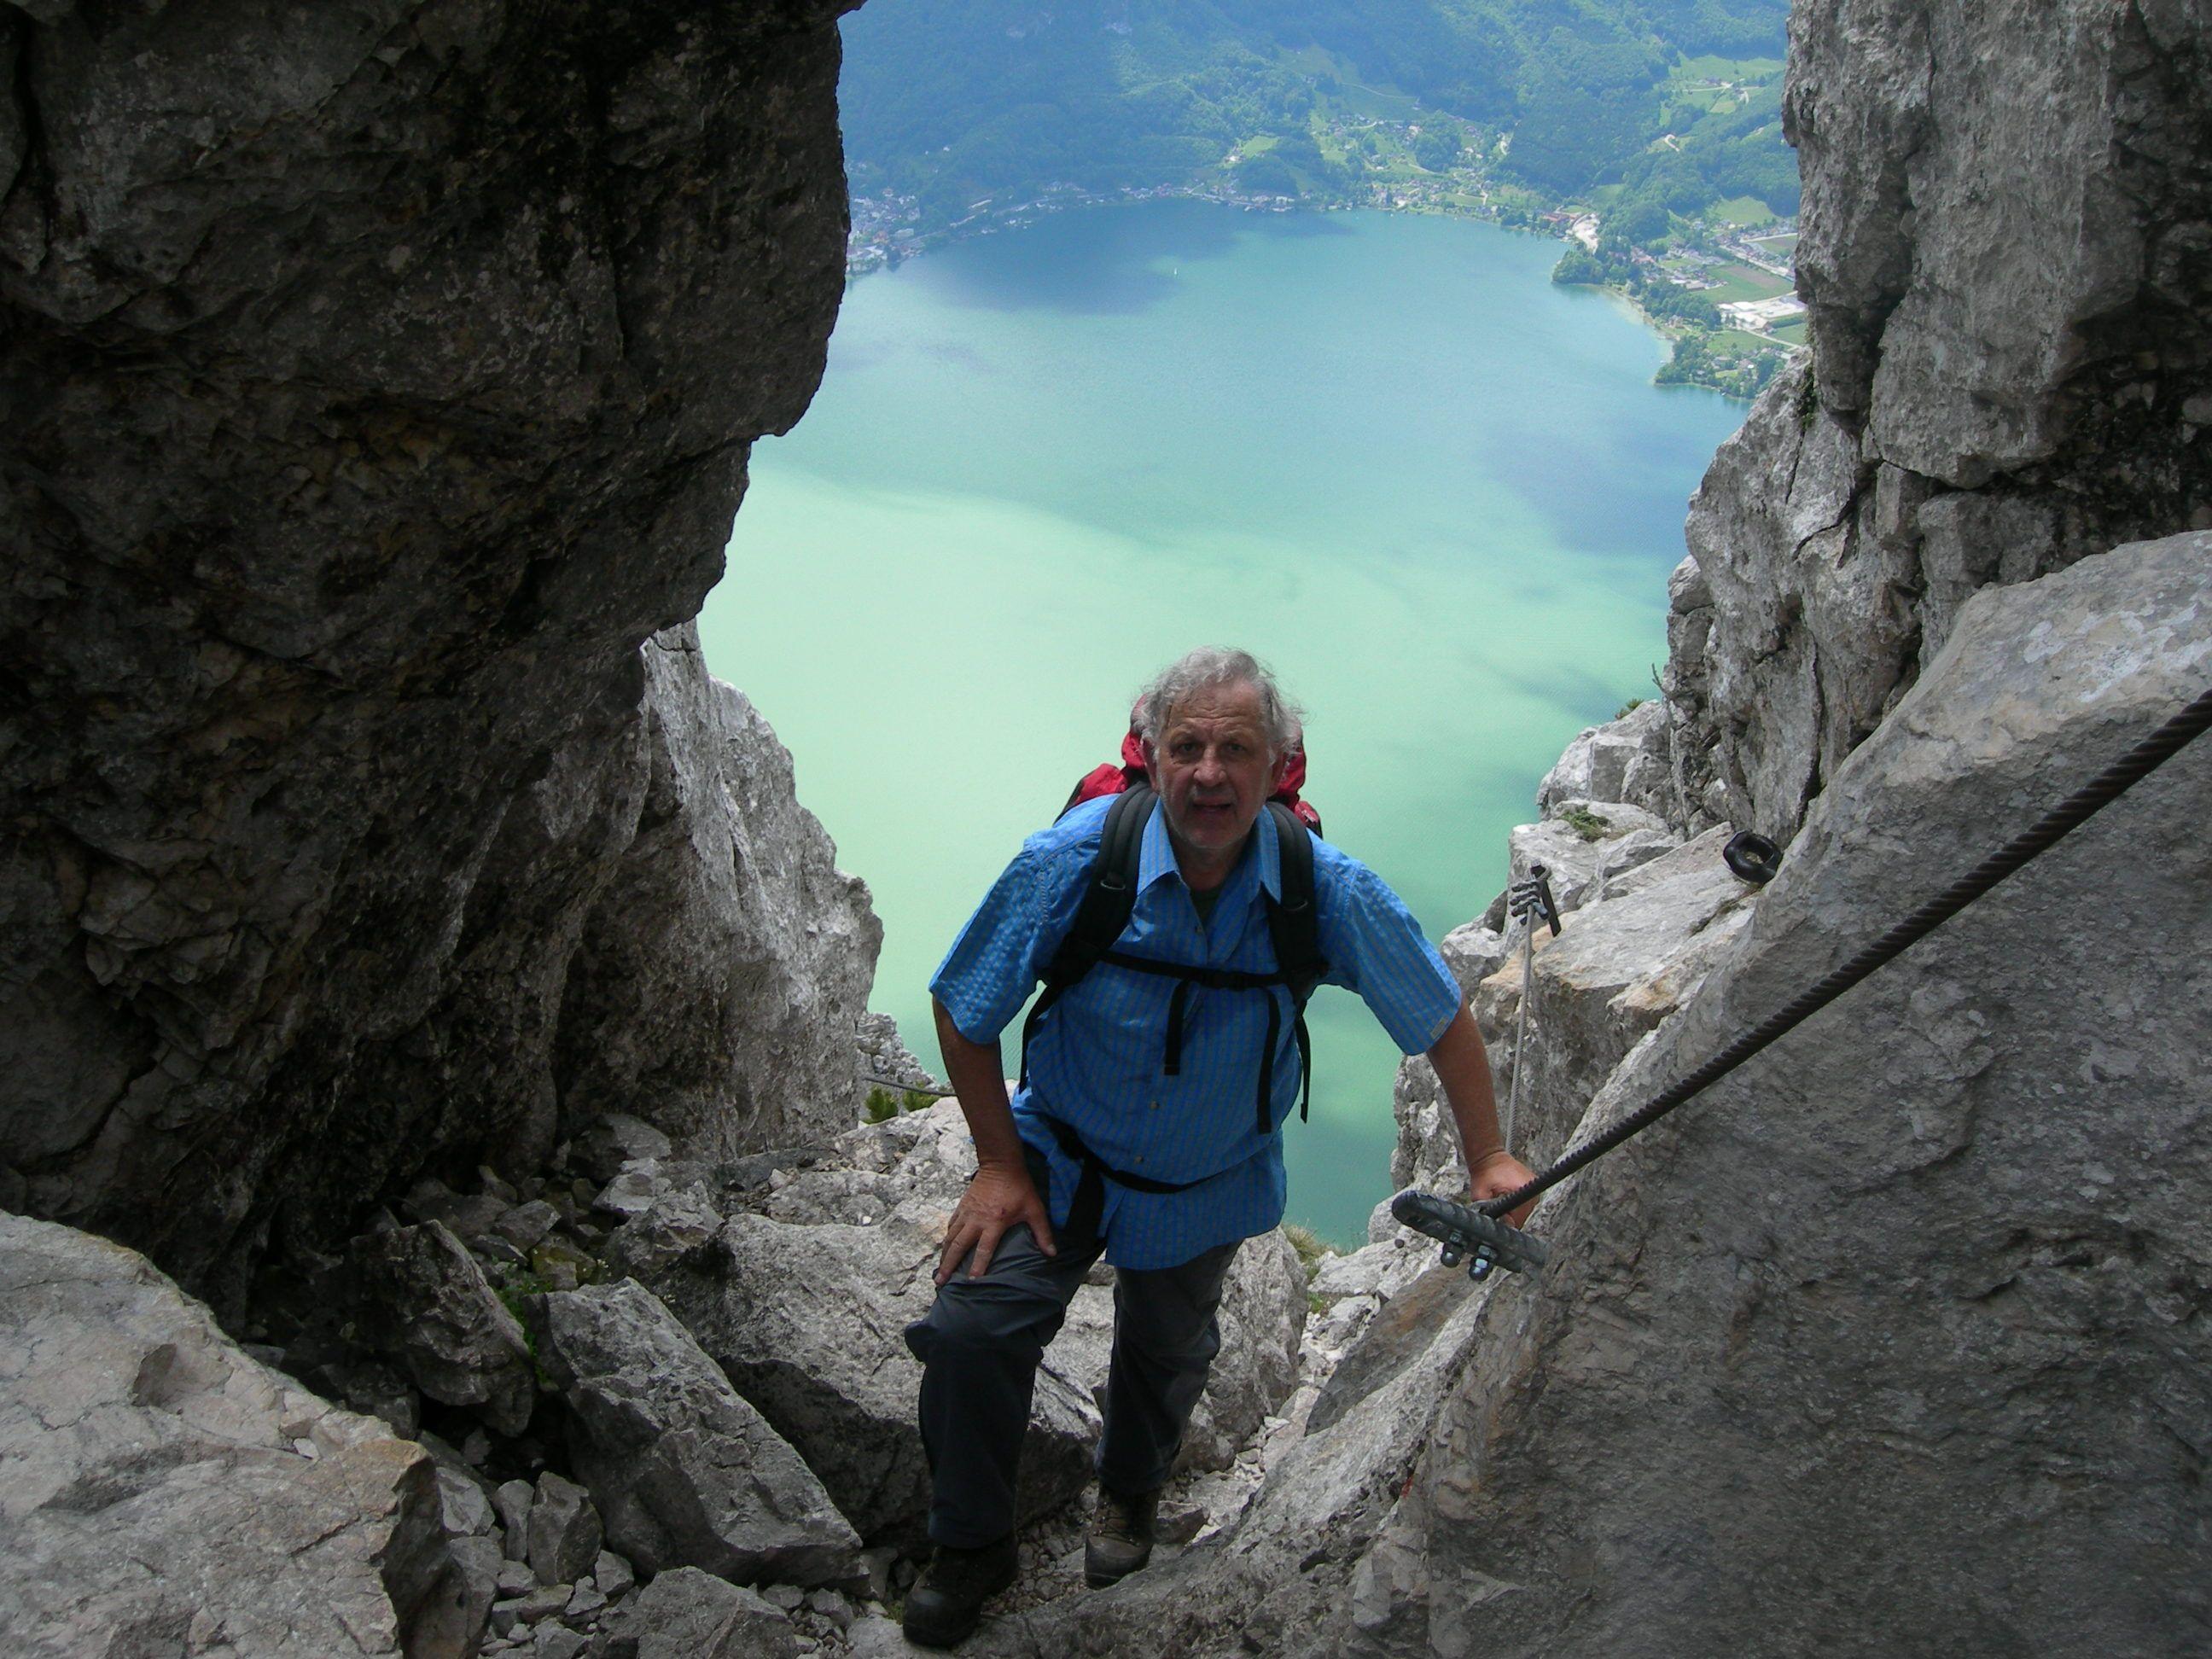 Klettersteig Traunstein : Klettersteig: naturfreundesteig in Österreich oberösterreich im